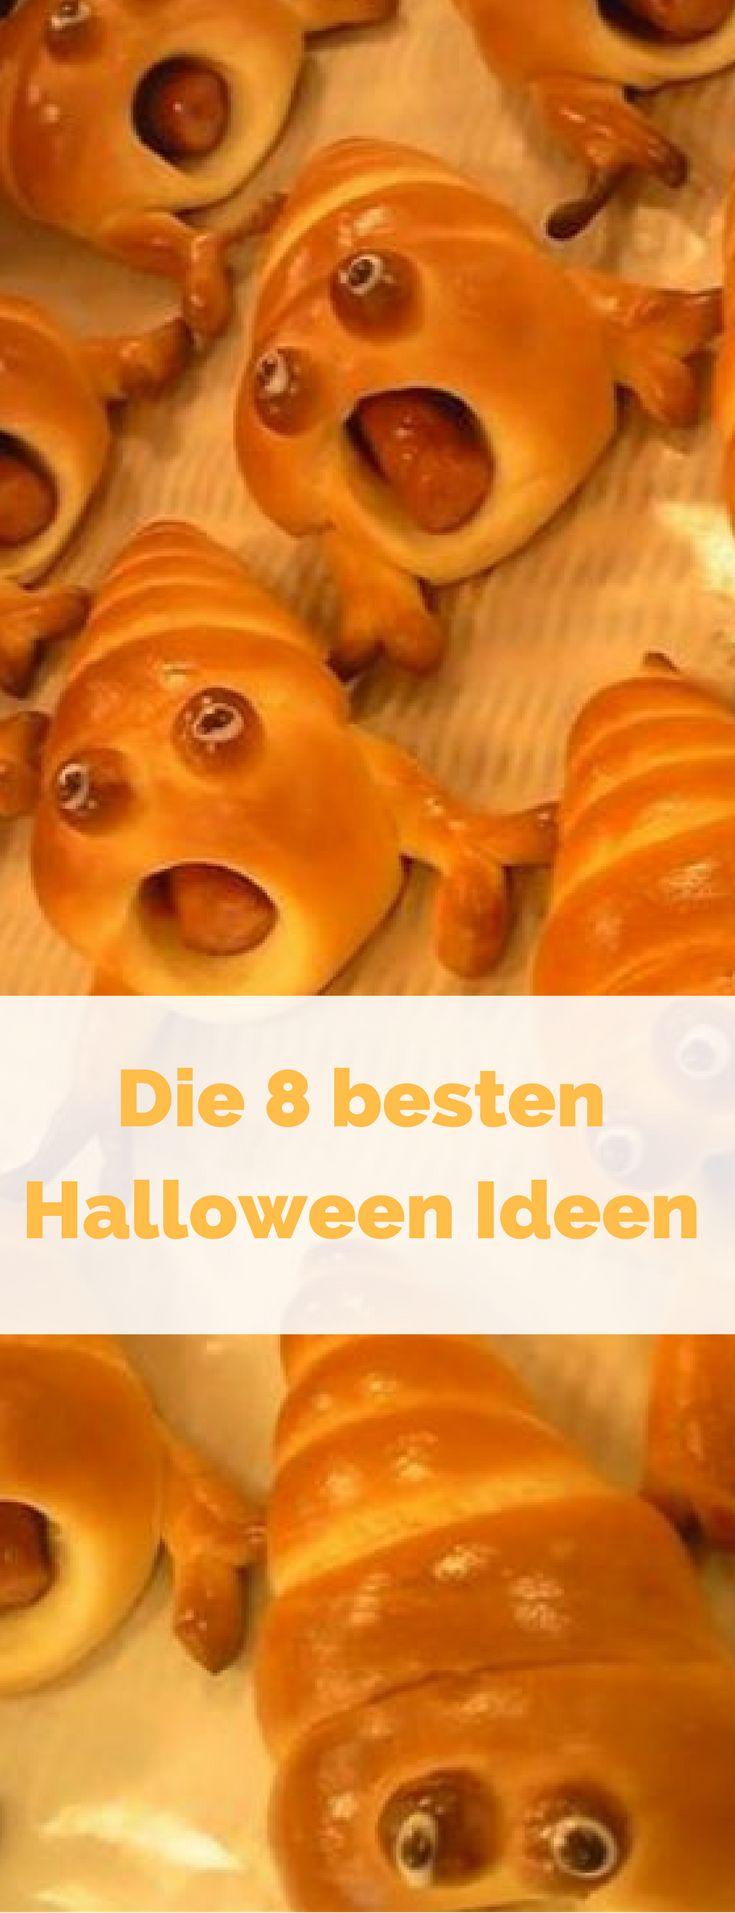 Schreiende Hörnchen, lackschwarze Kürbiskatzen, Wassermelonengehirne und eine Folterwerkzeug Girlande. Ich habe die 8 besten Halloween Ideen für euch zusammengestellt. Enjoy!